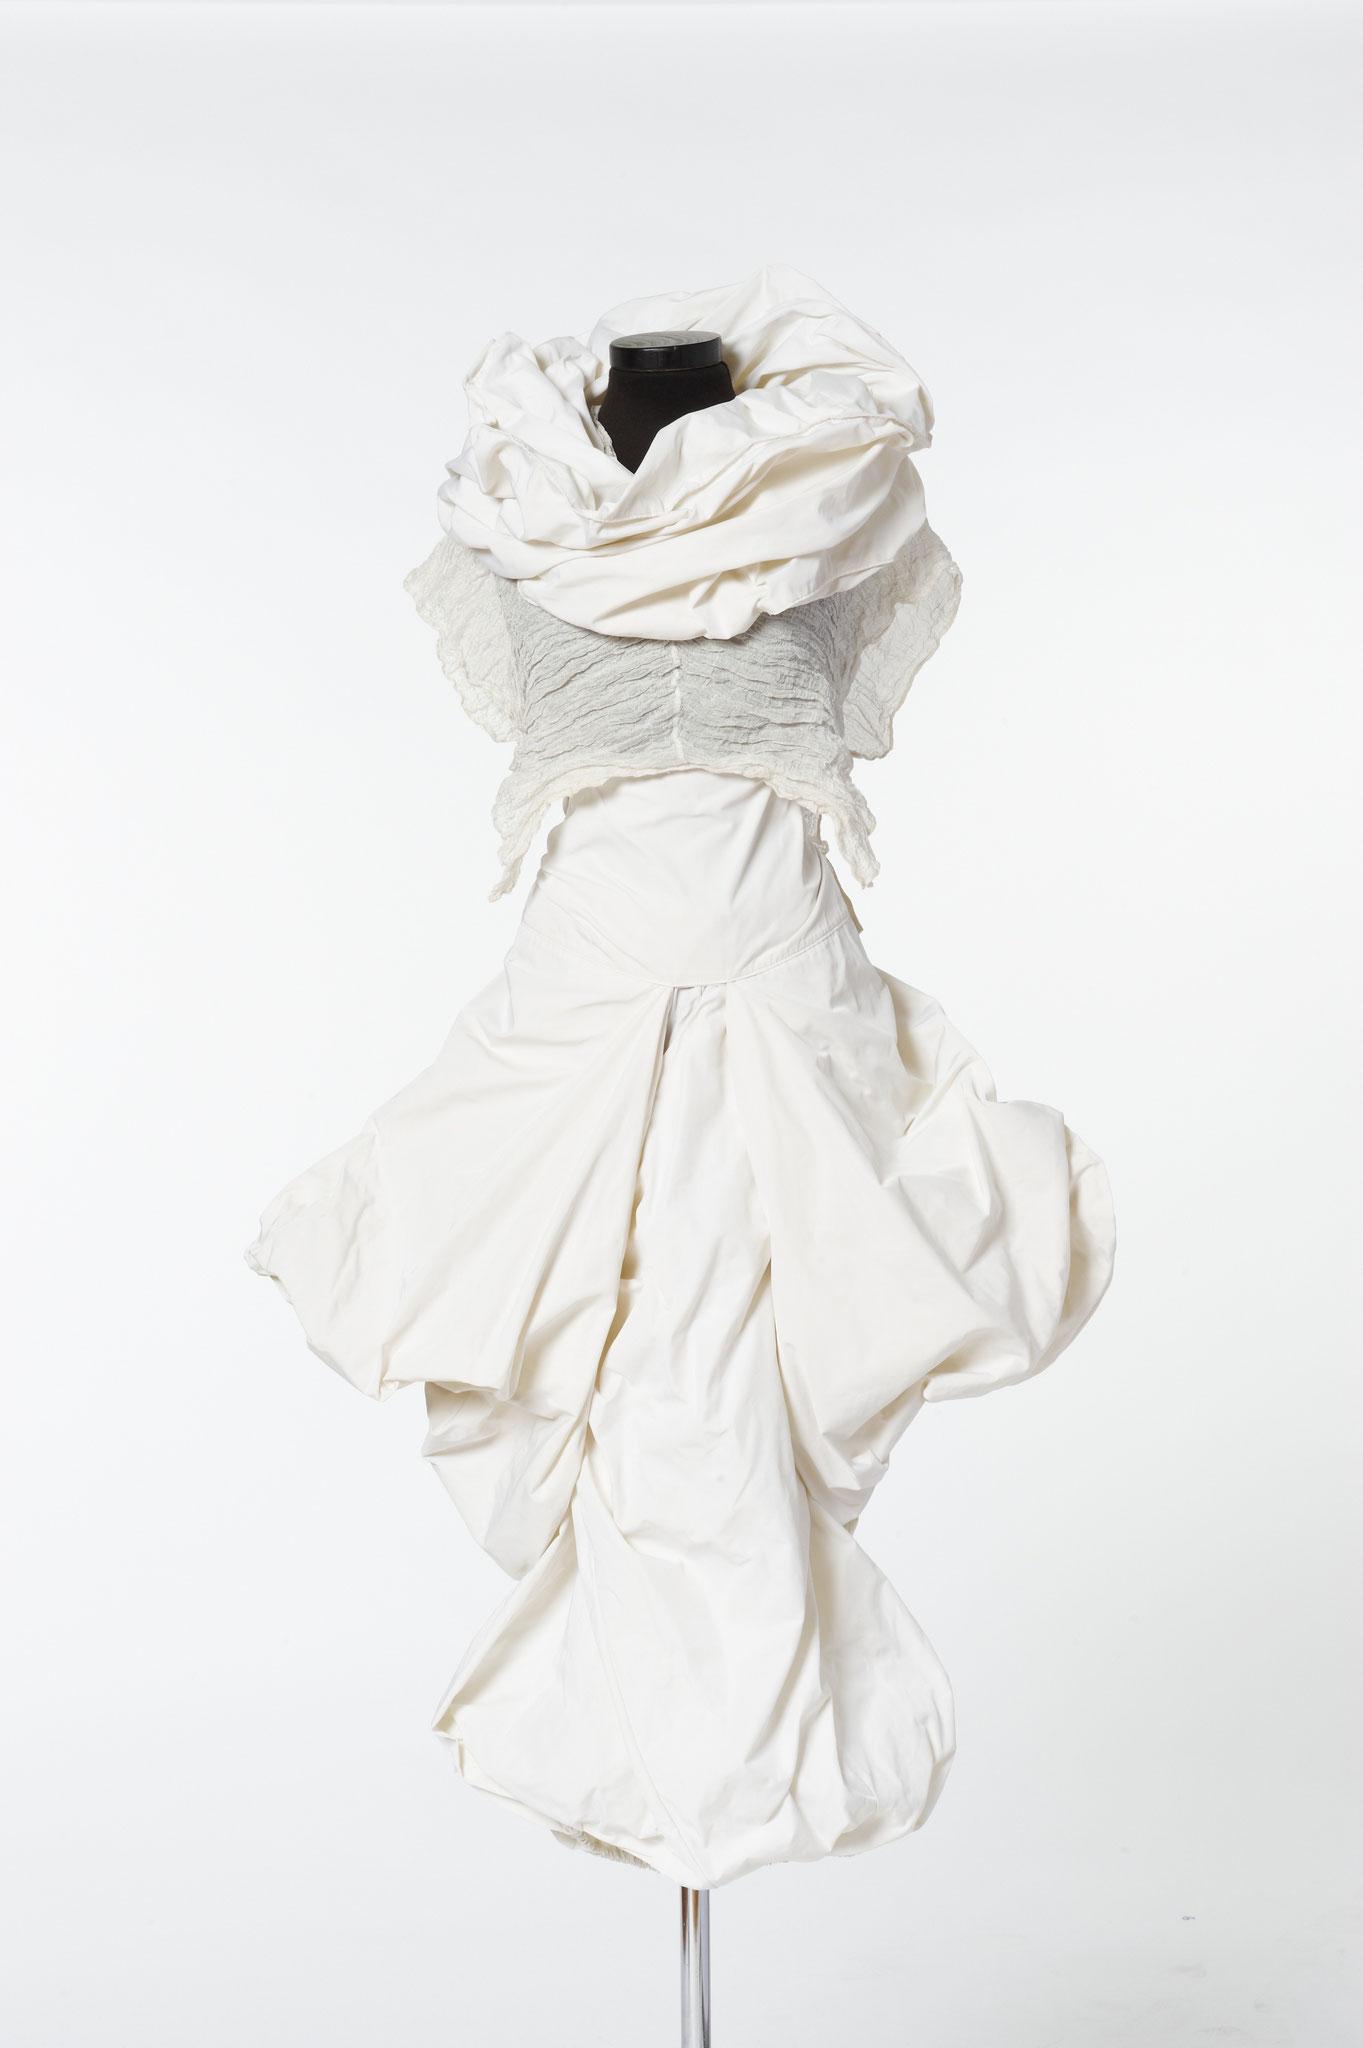 4-teiliges Outfit: Zipfelrock, Mogler, Oberteil, Schal. Material: Mikrofaser/ Seide